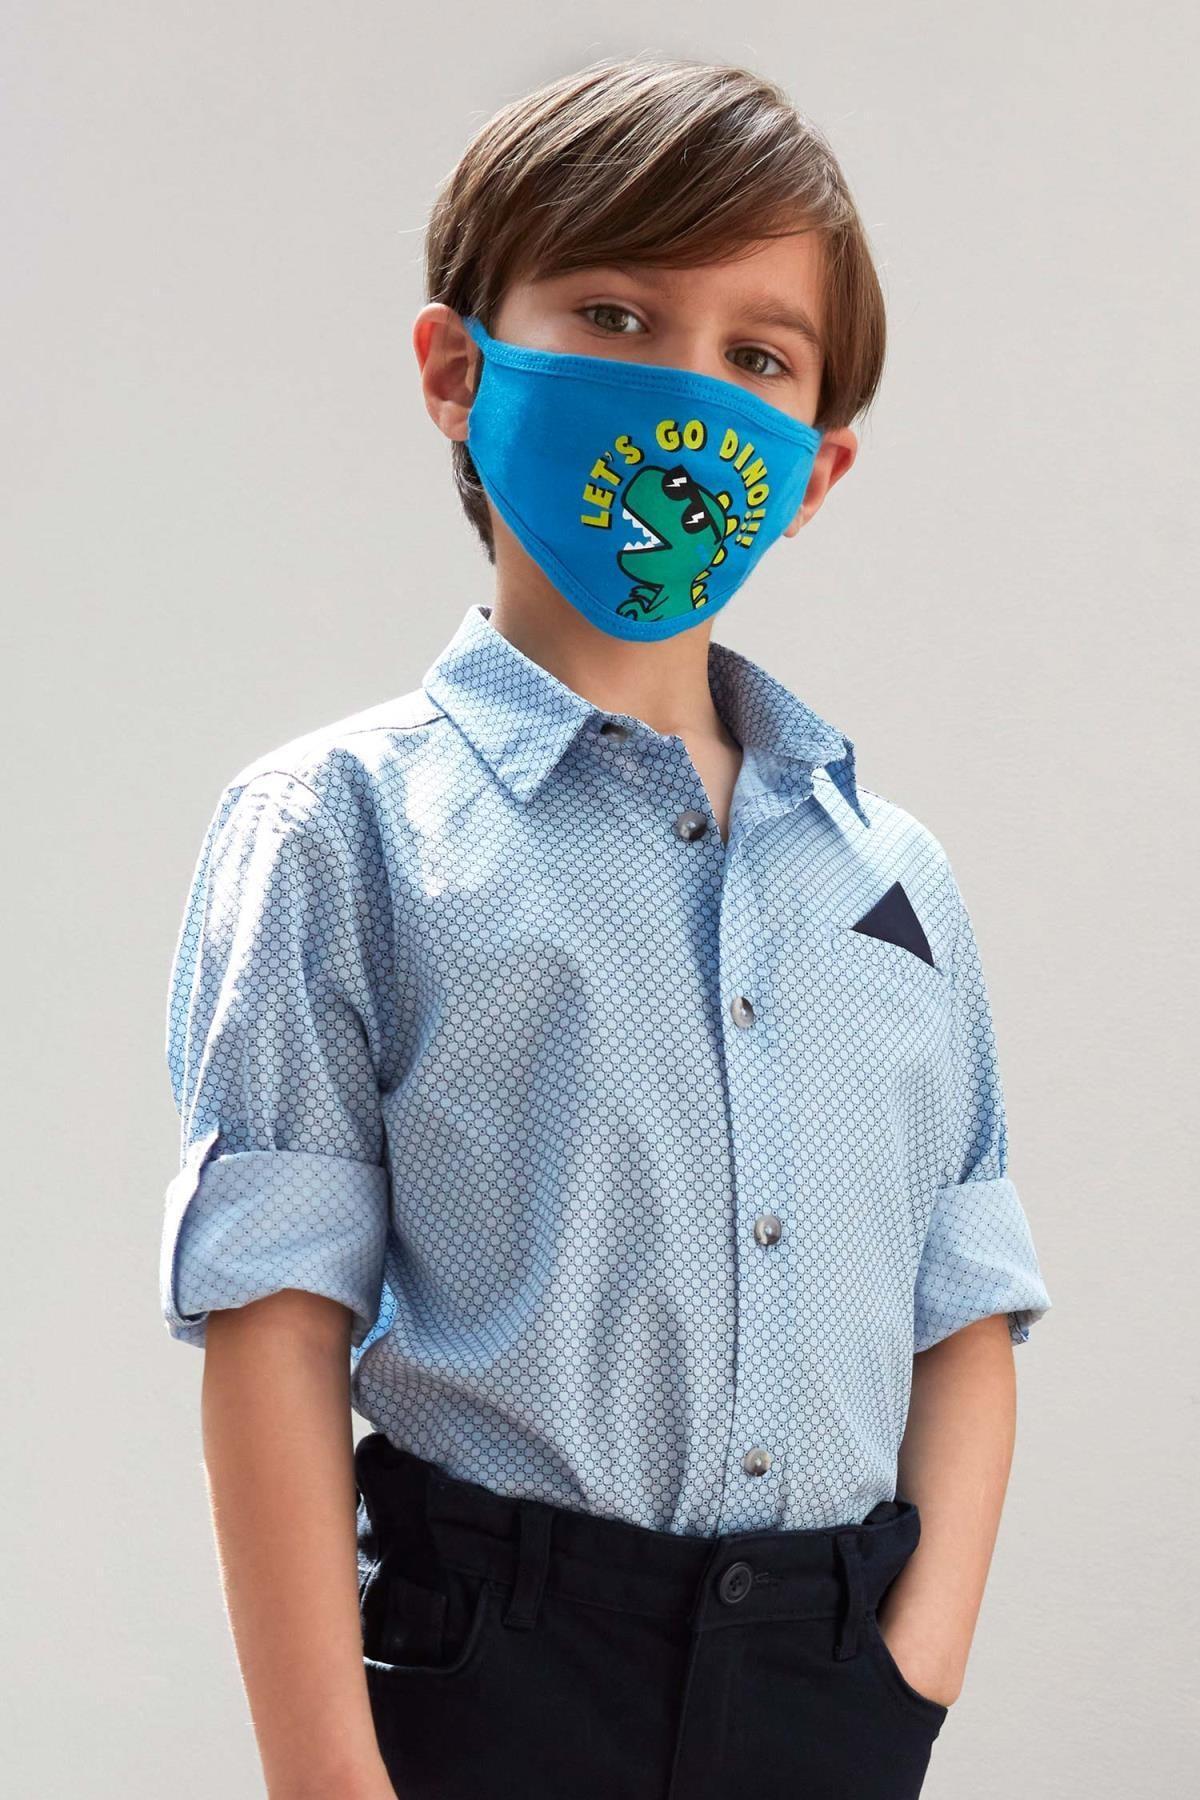 Defacto Erkek Çocuk Baskılı Pamuklu Mendilli Kolları Katlanabilir Gömlek 0